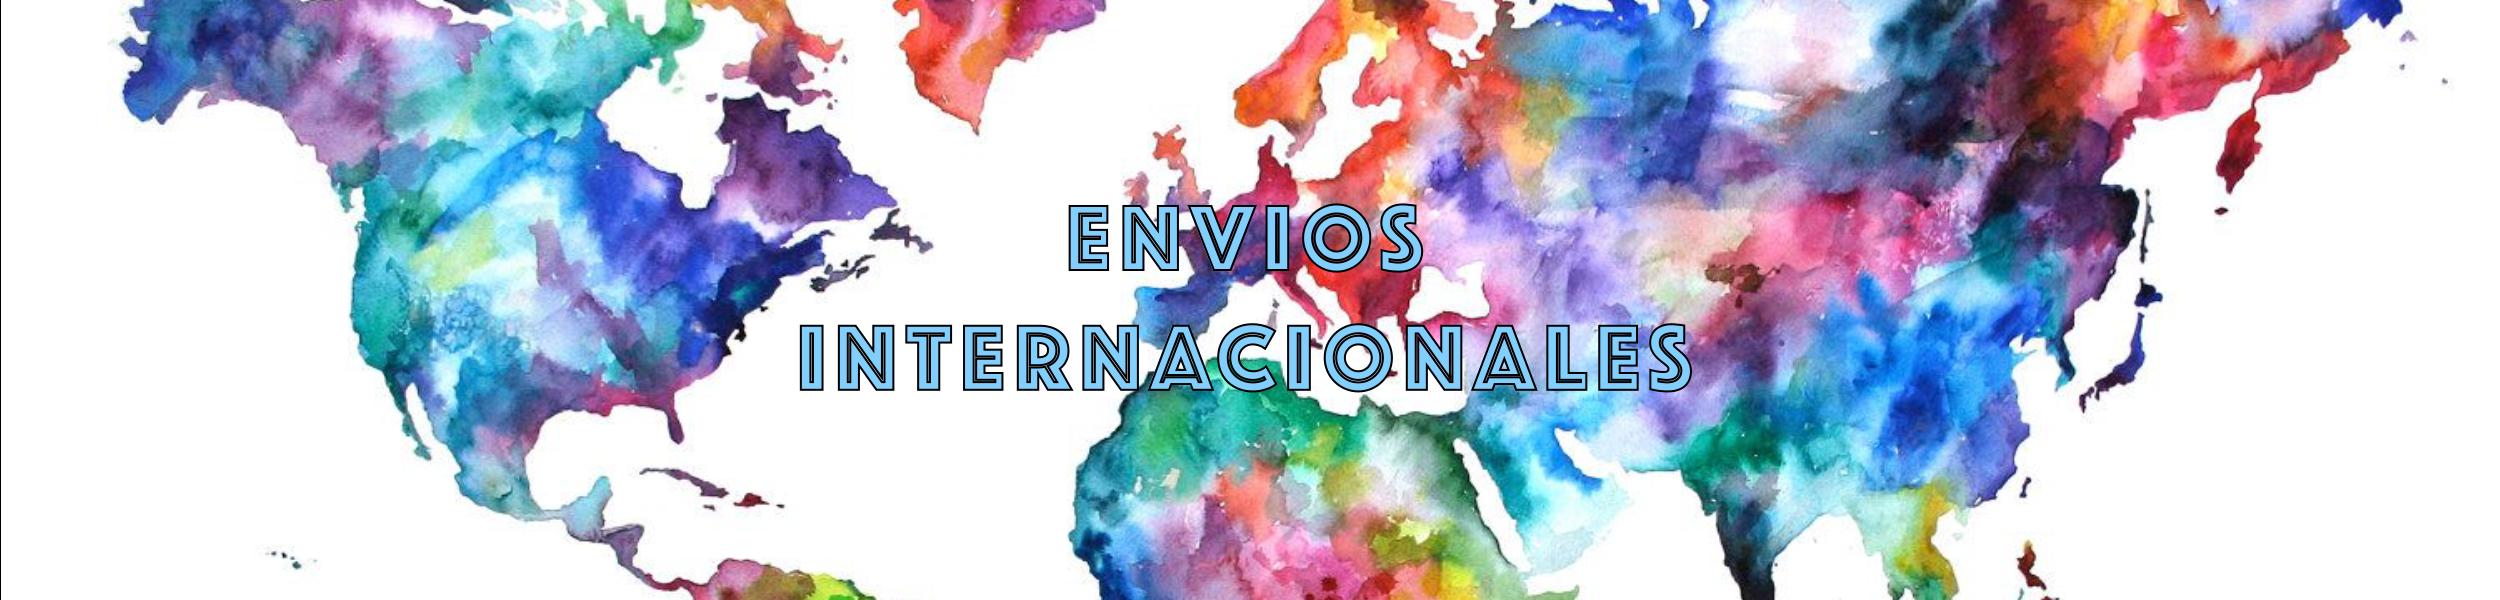 Envios Internacionales